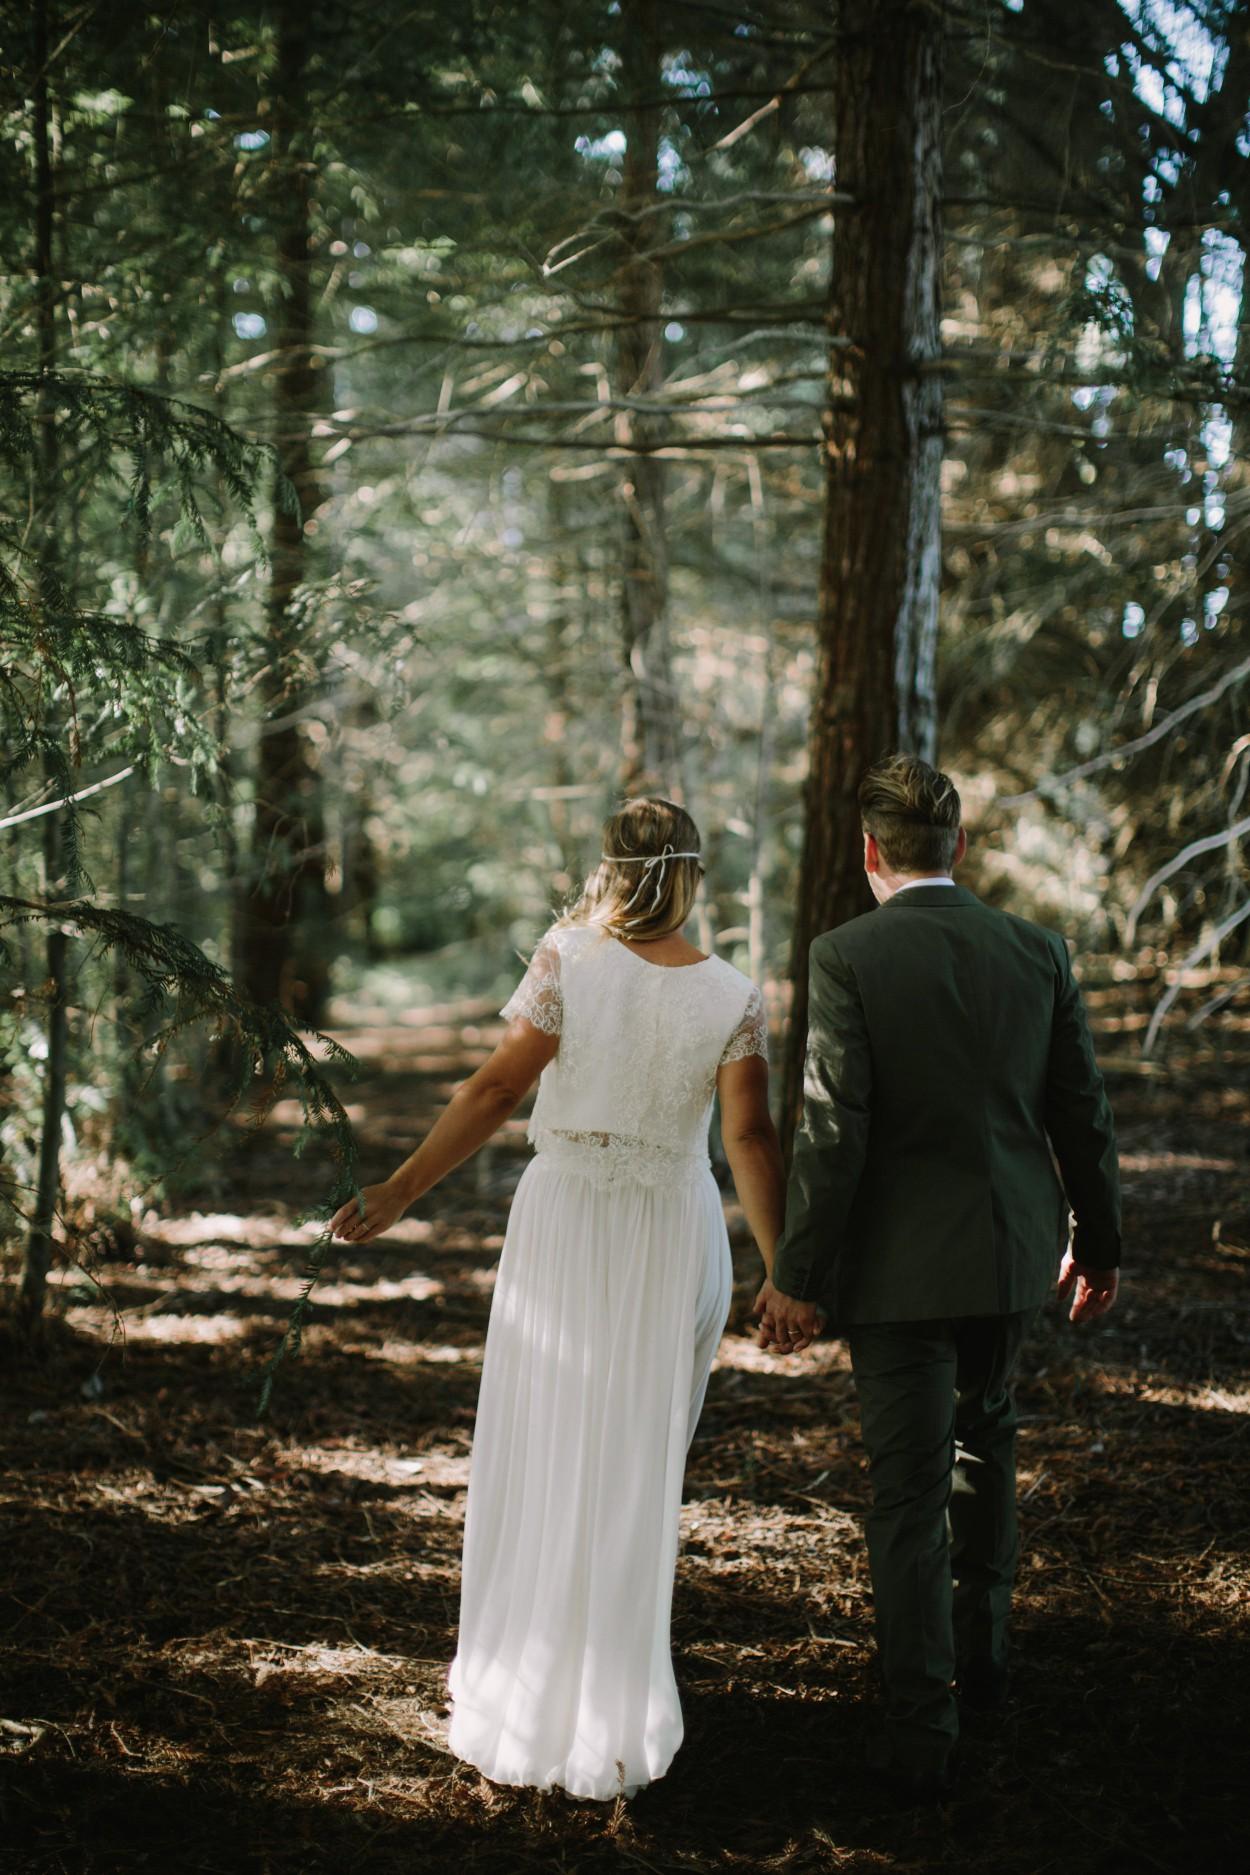 I-Got-You-Babe-Weddings-Hawkes-Bay-NZ-Wedding-Aleisha-Rolly142.jpg